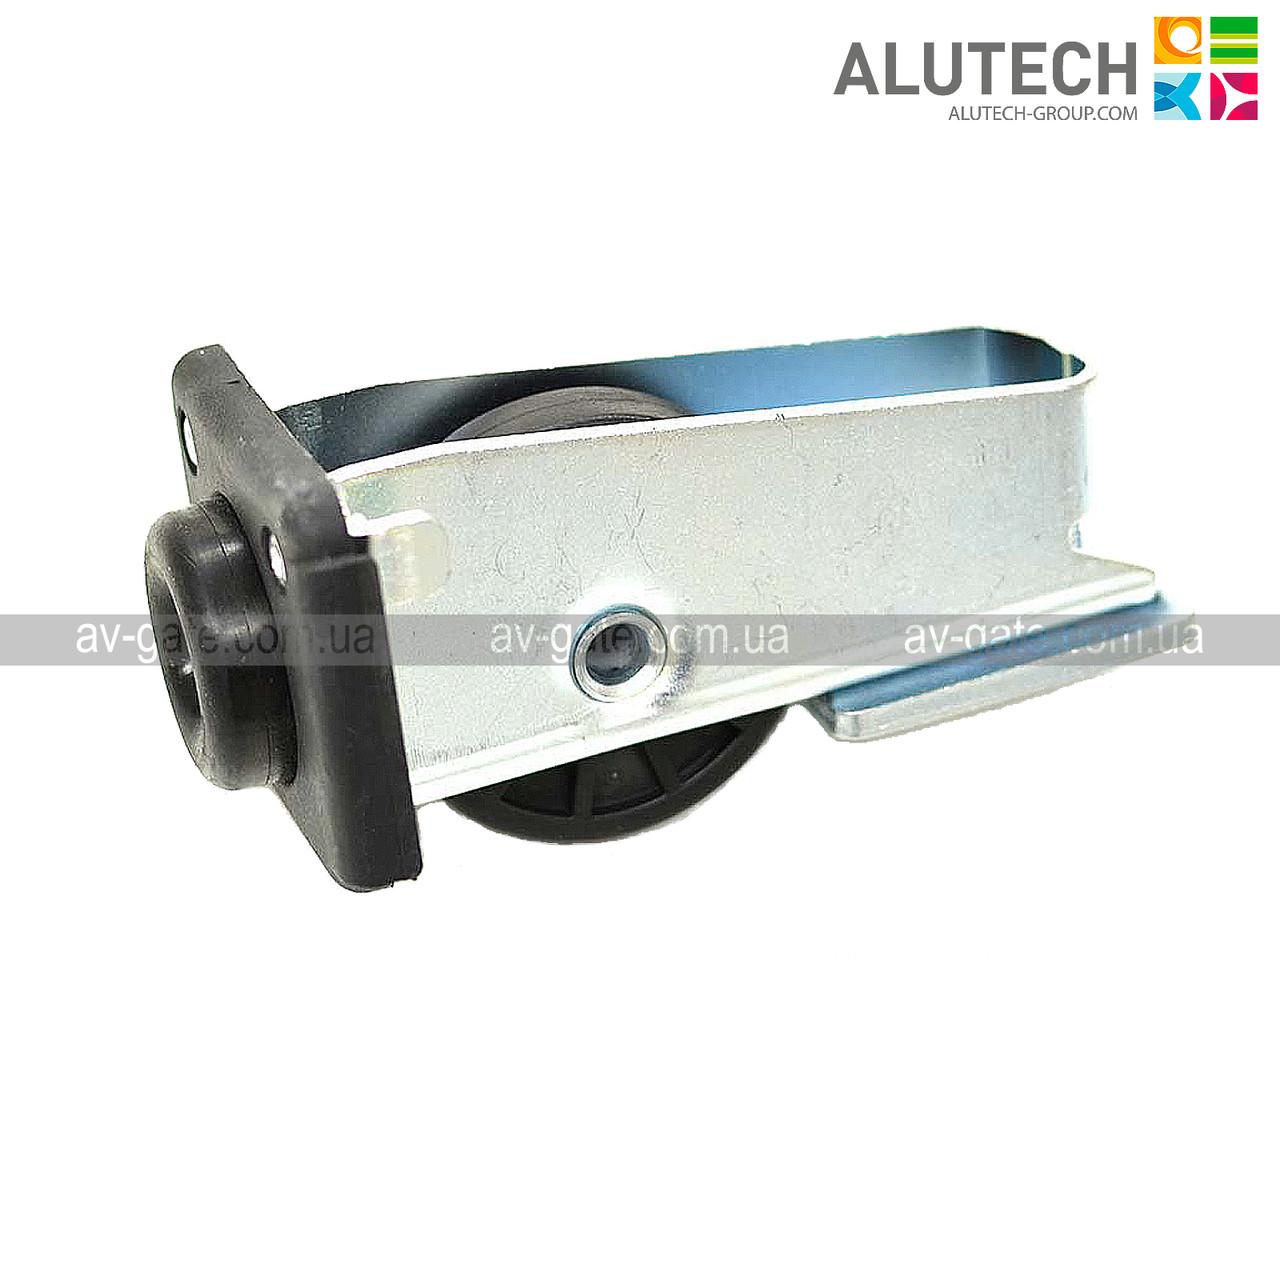 Ролик опорный Alutech SGN.02.320